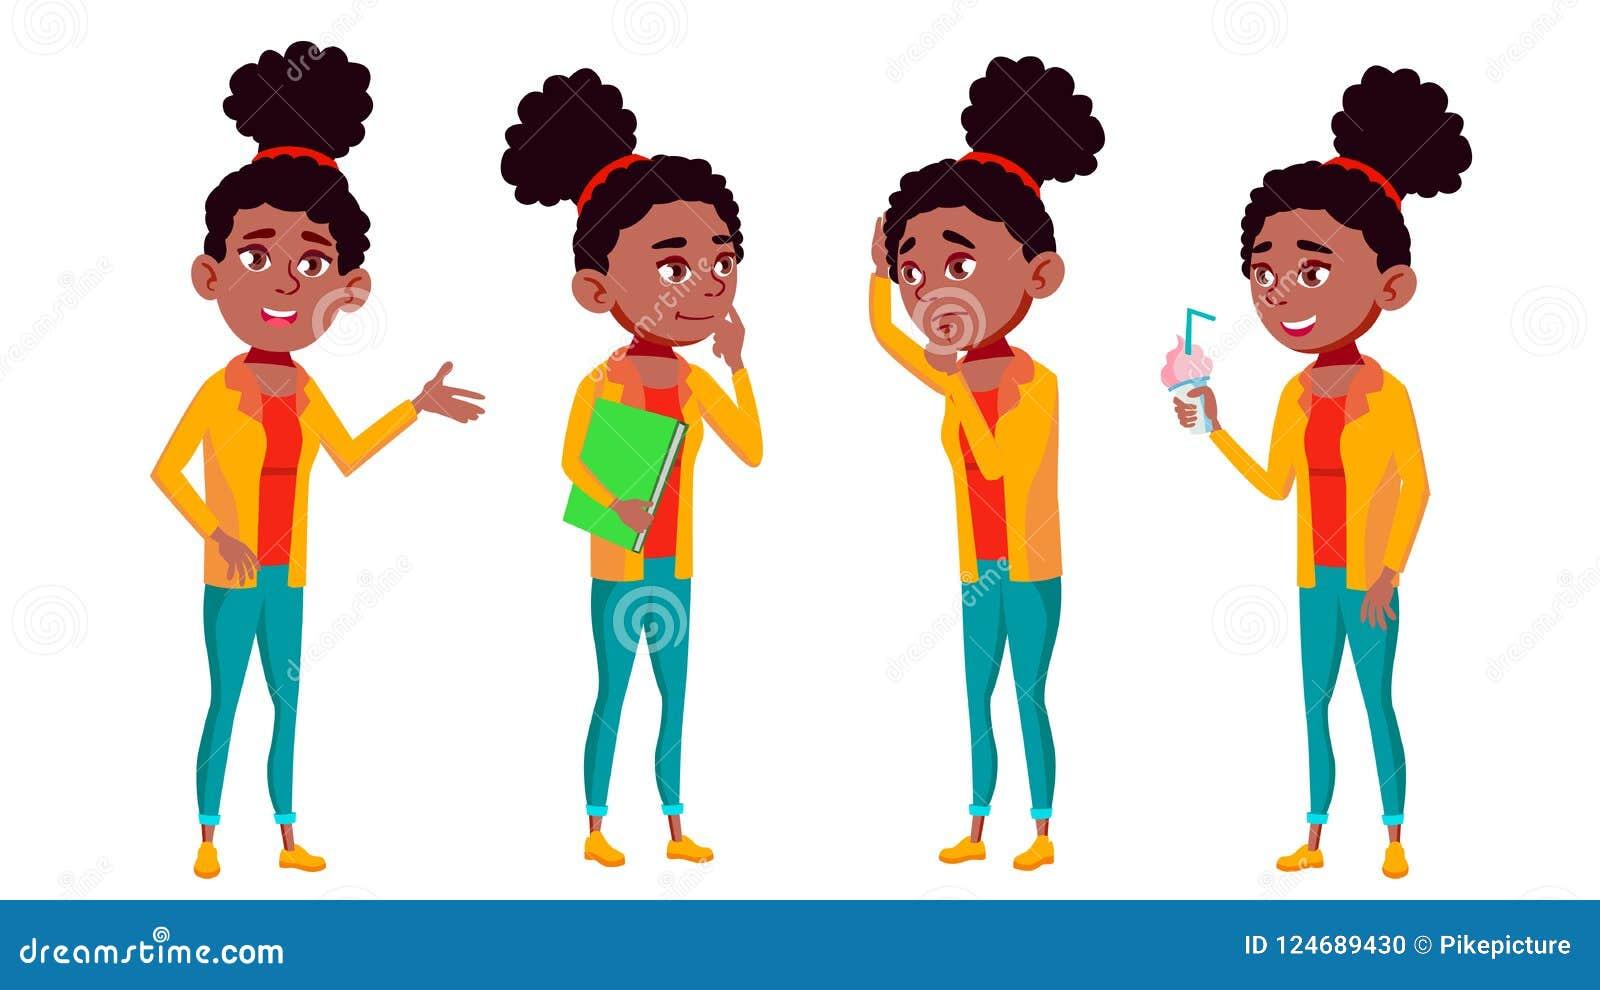 青少年的女孩姿势被设置的传染媒介 乐趣,快乐 投反对票 美国黑人 对网,海报,小册子设计 被隔绝的动画片